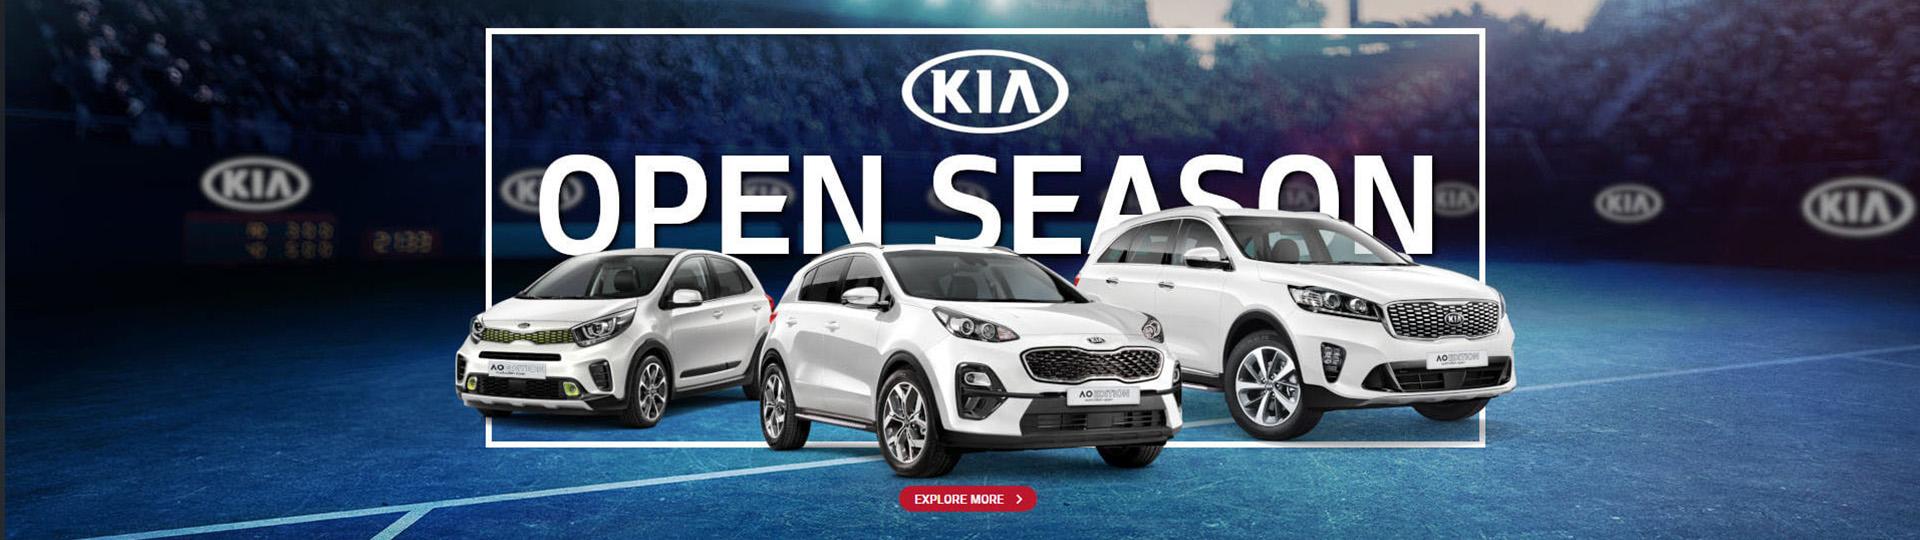 Kia Offers